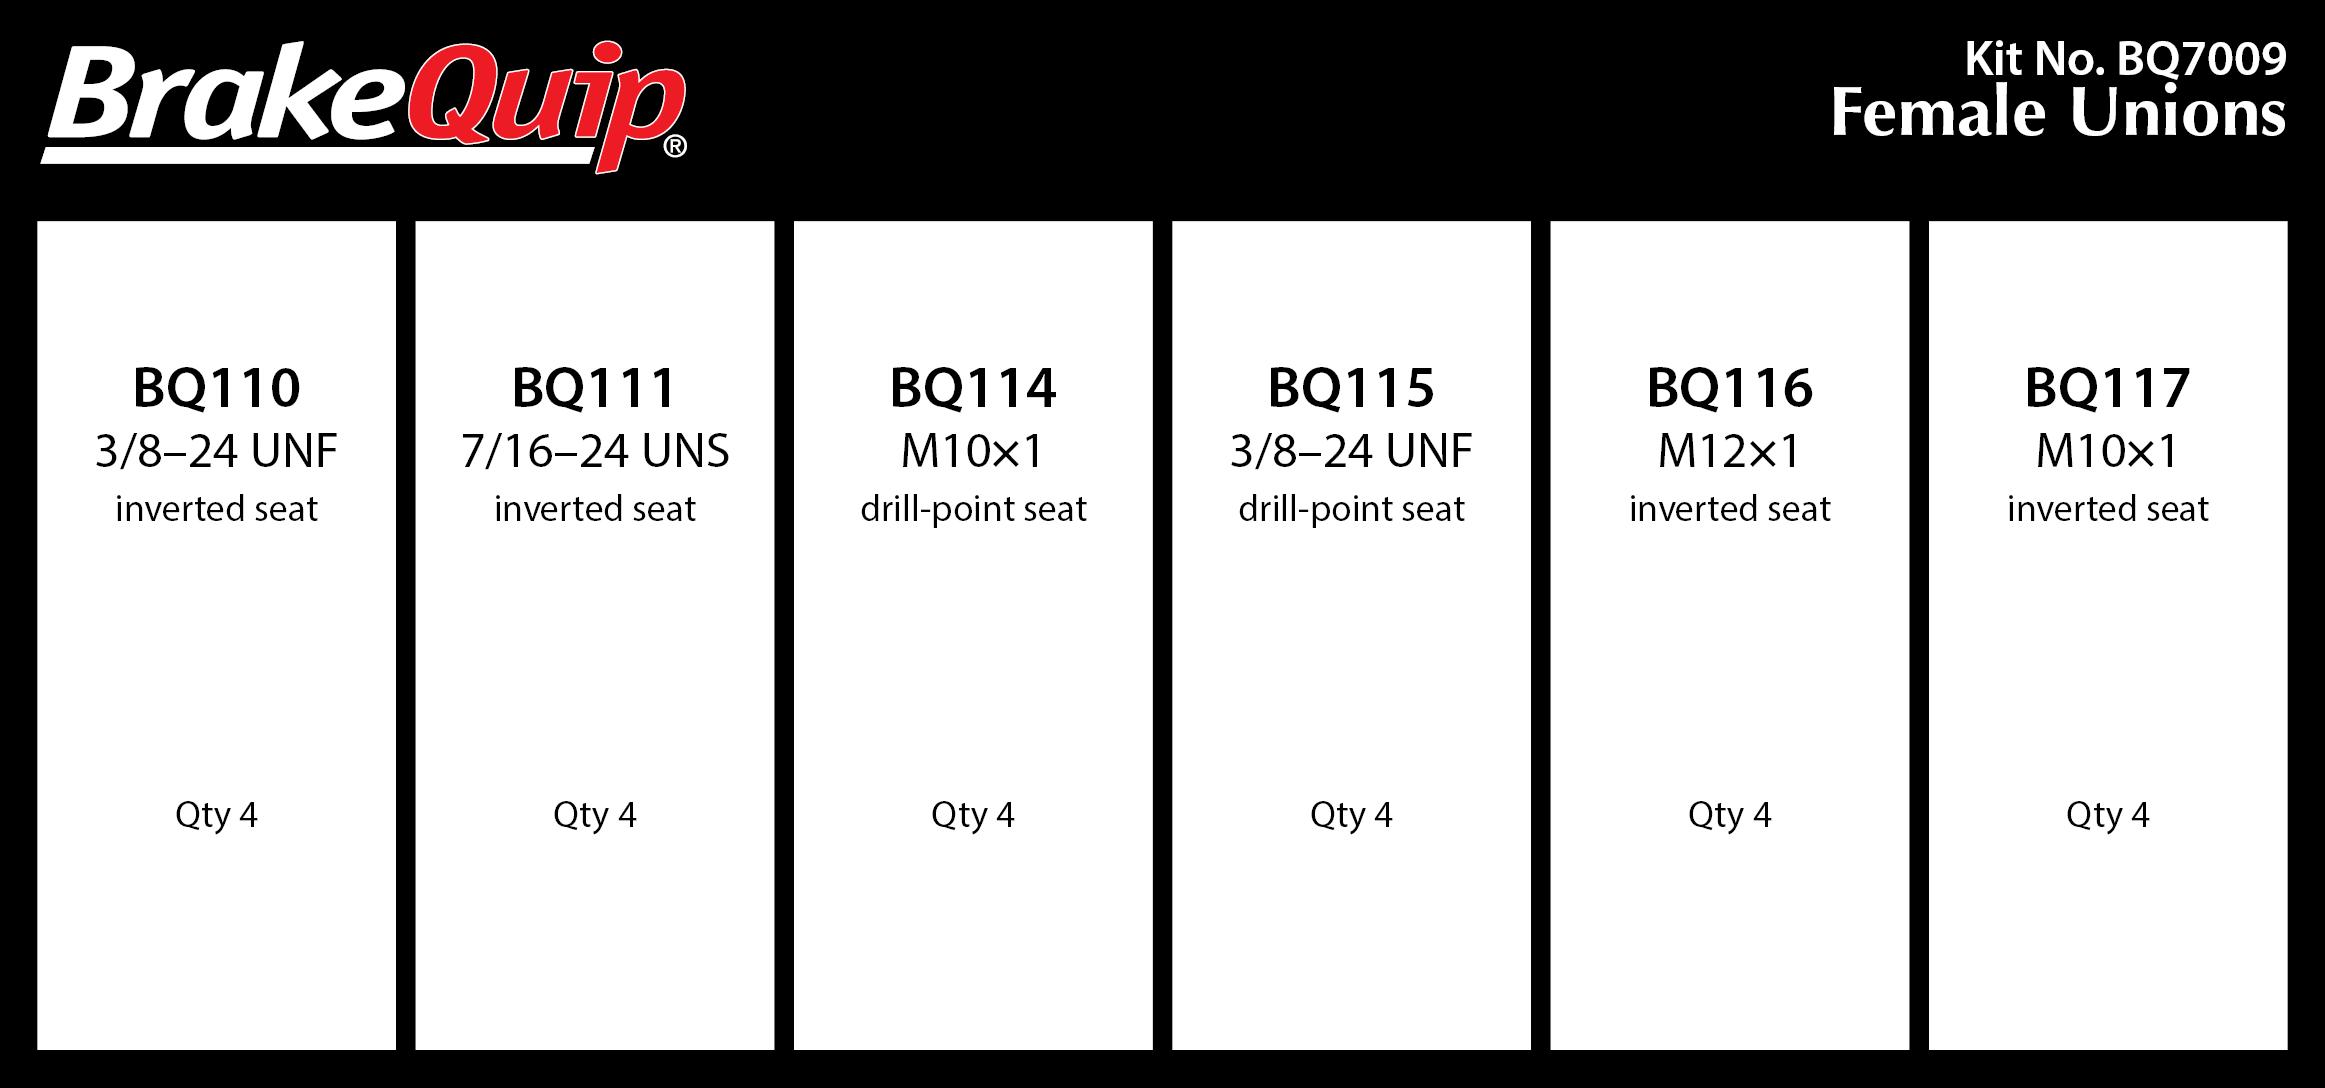 bq7009_contents